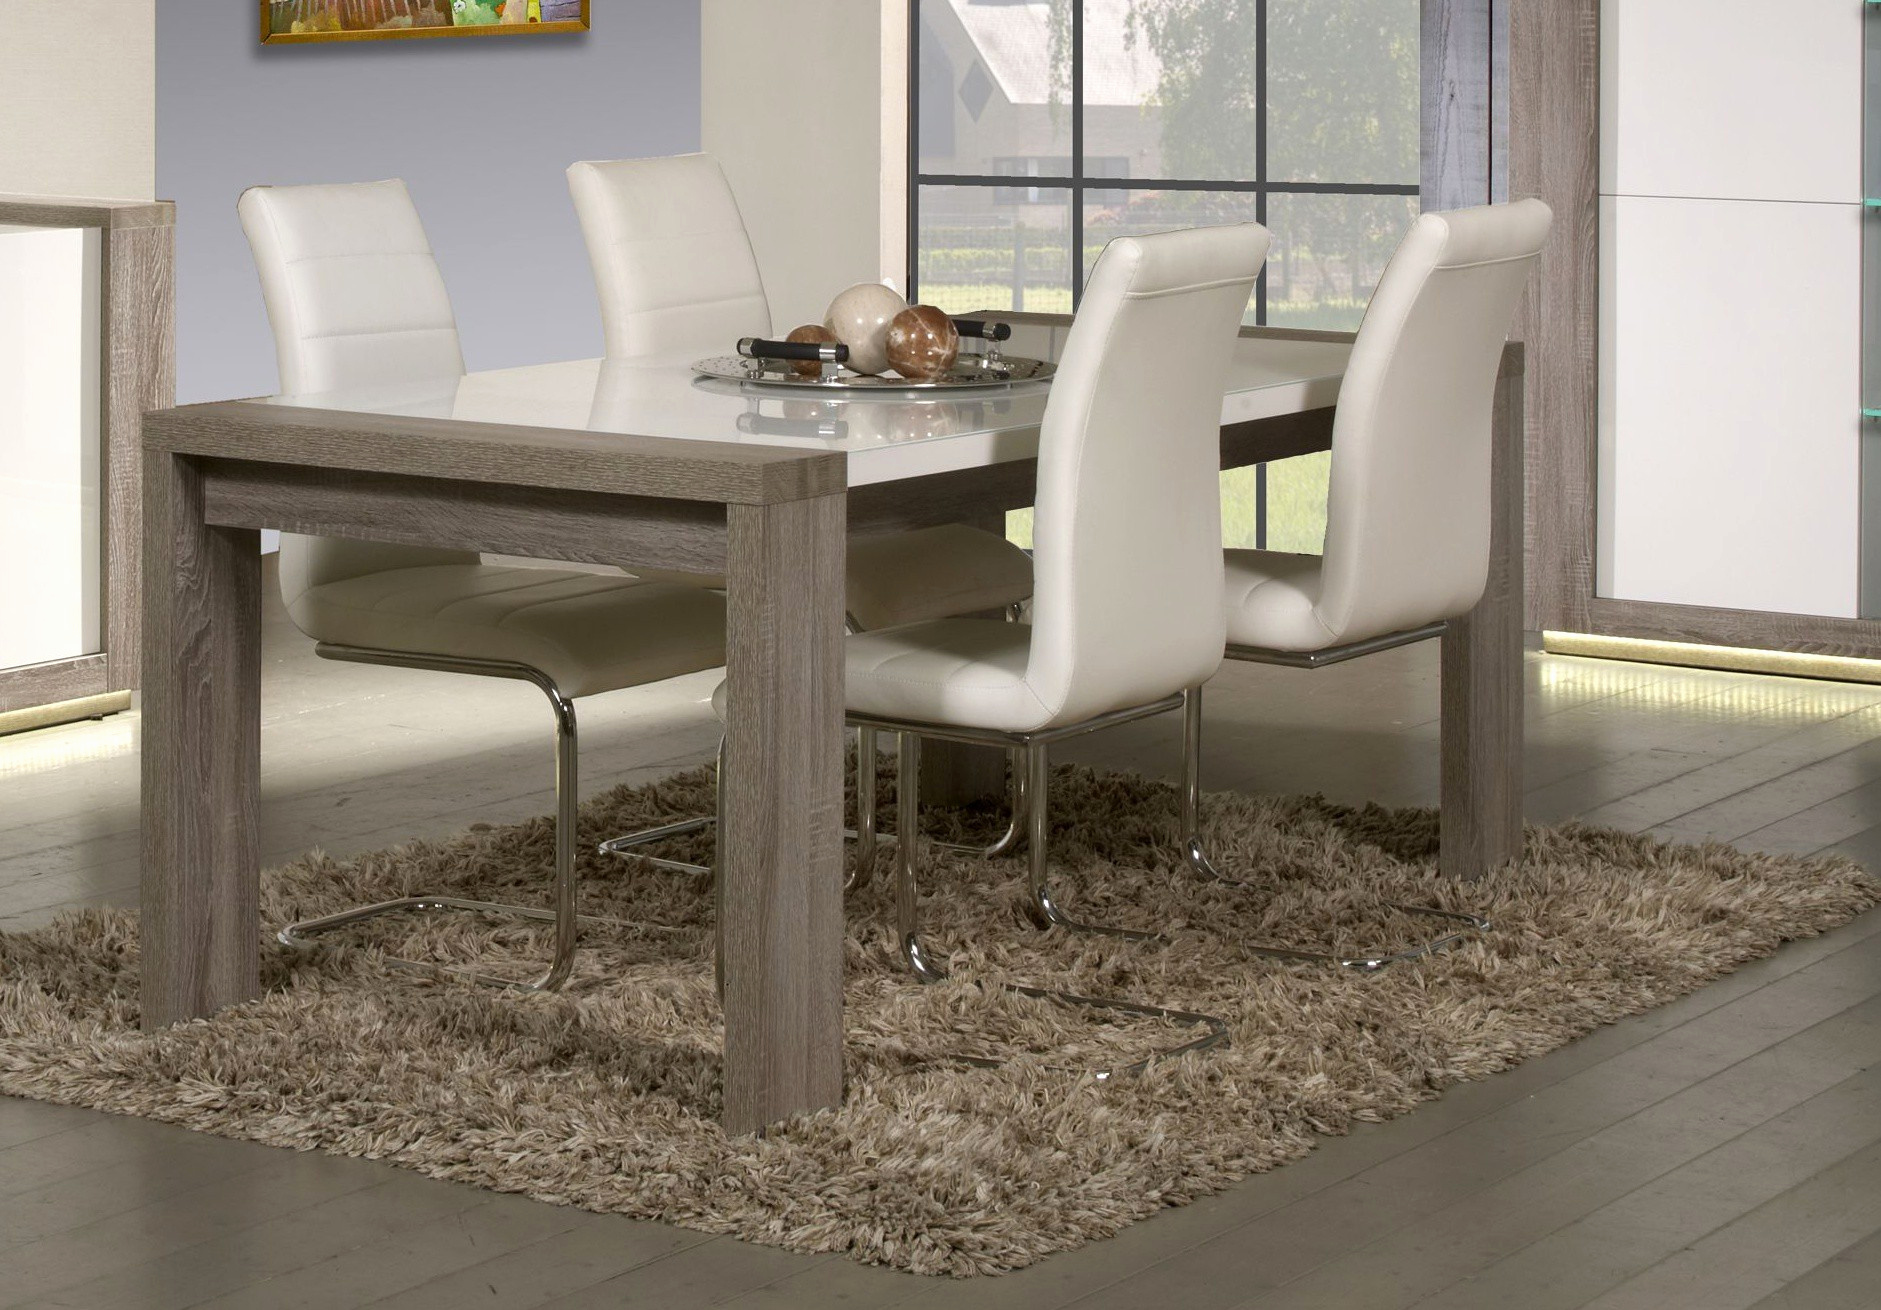 chaises de salle a manger conforama meilleur de seduisant table de salle manger conforama sur 20 decent chaises of chaises de salle a manger conforama